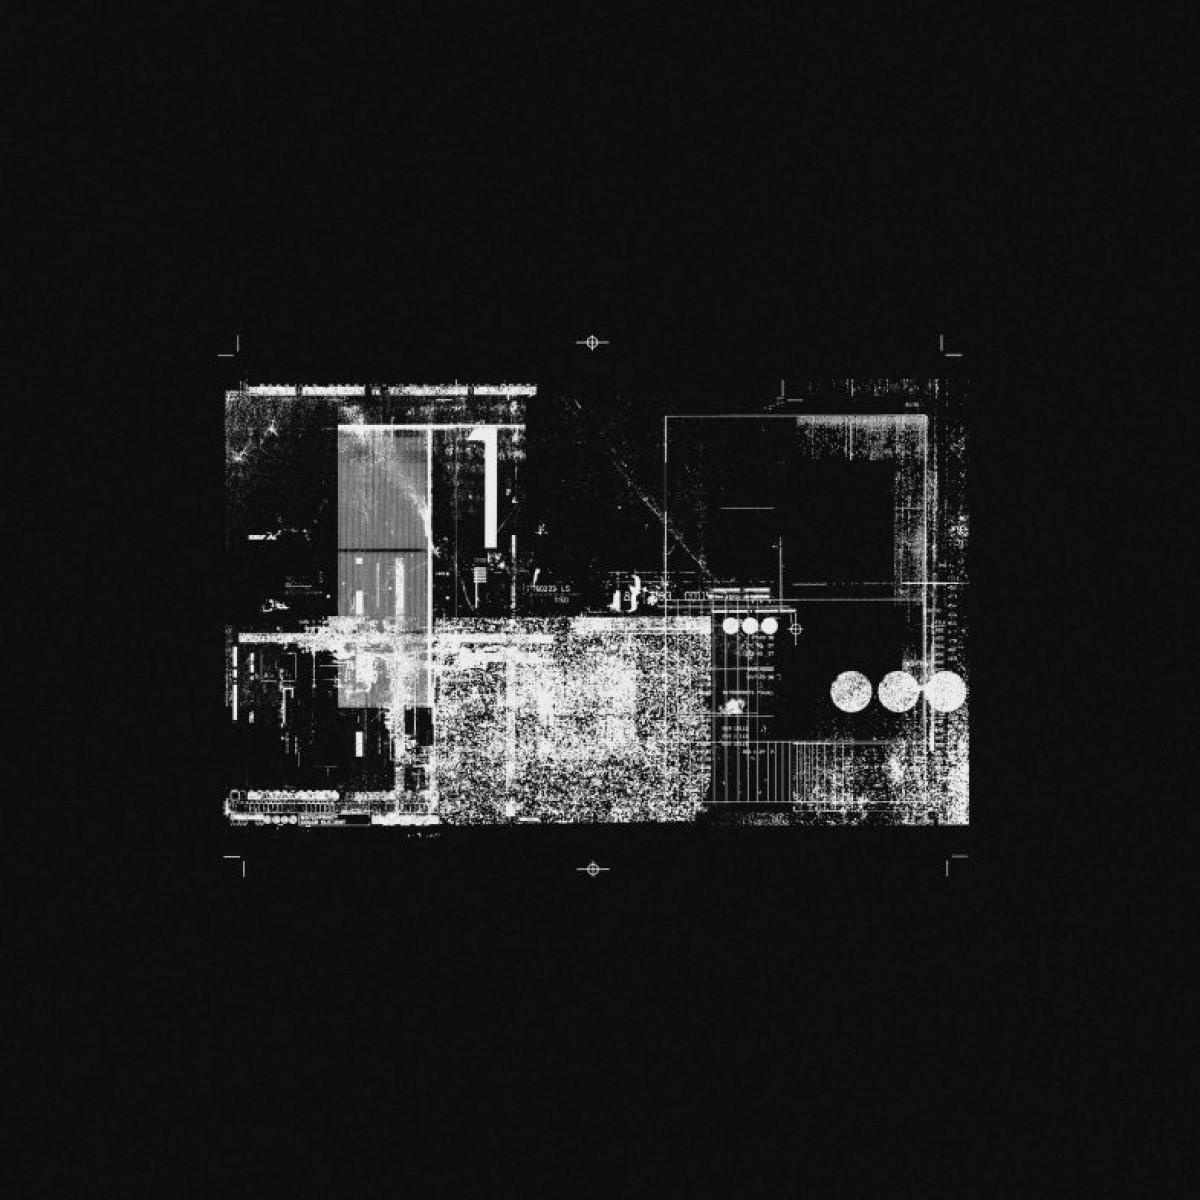 Various (Halo Varga & DeWalta, Faster, Sublee, Dieru) - Profile Series 001 [Muted Noise] 01